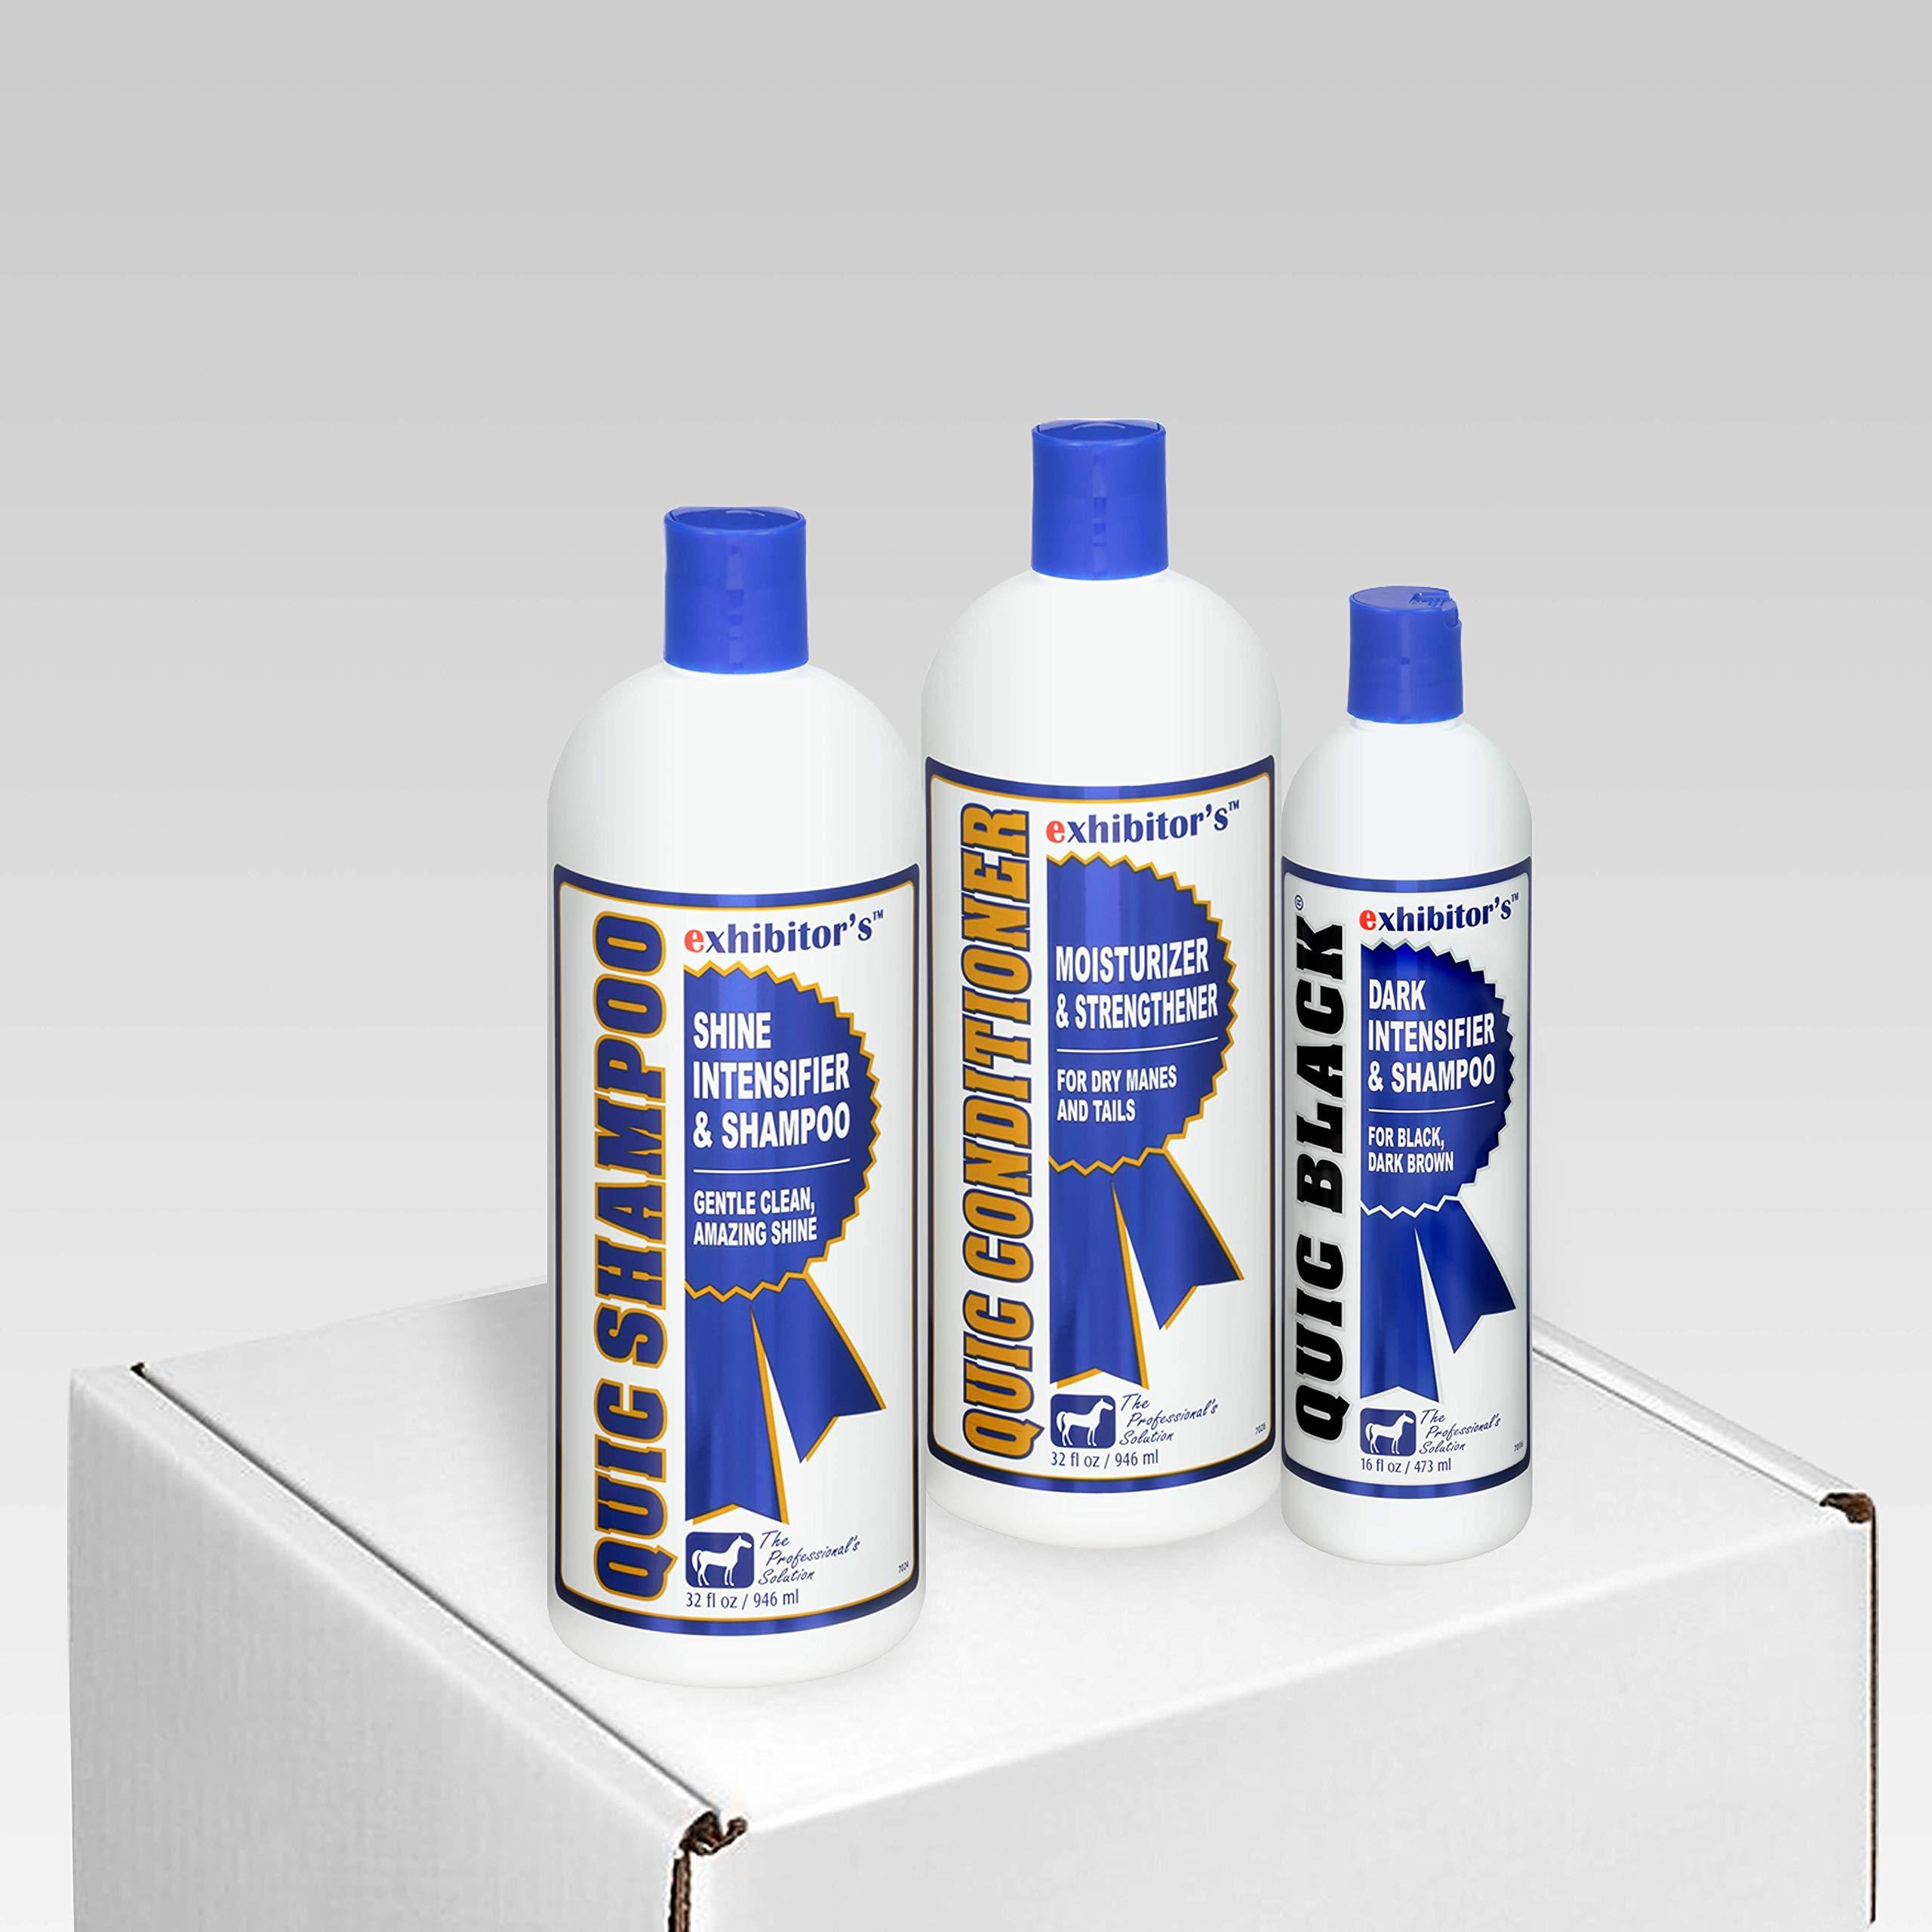 exhibitor's Quic Shampoo Quic Conditioner Plus Color Intensifiers (Quic Black Set)